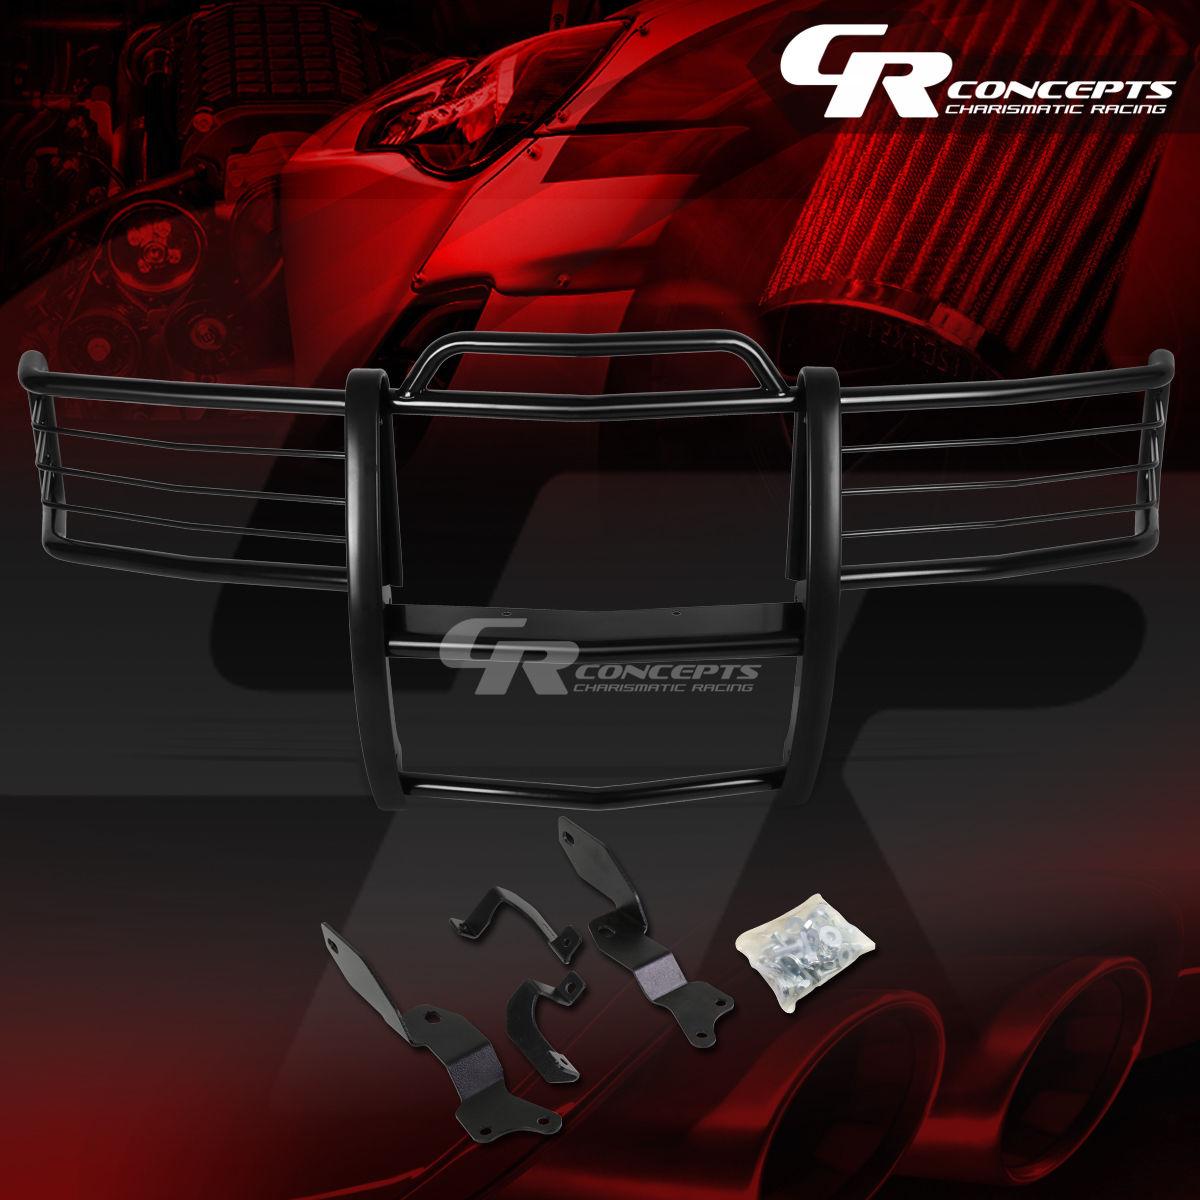 グリル 黒塗装されたマイルストーンブラシグリルガードフレーム01-07 SILVERADO 1500-3500のHD BLACK COATED MILD STEEL BRUSH GRILL GUARD FRAME FOR 01-07 SILVERADO 1500-3500 HD